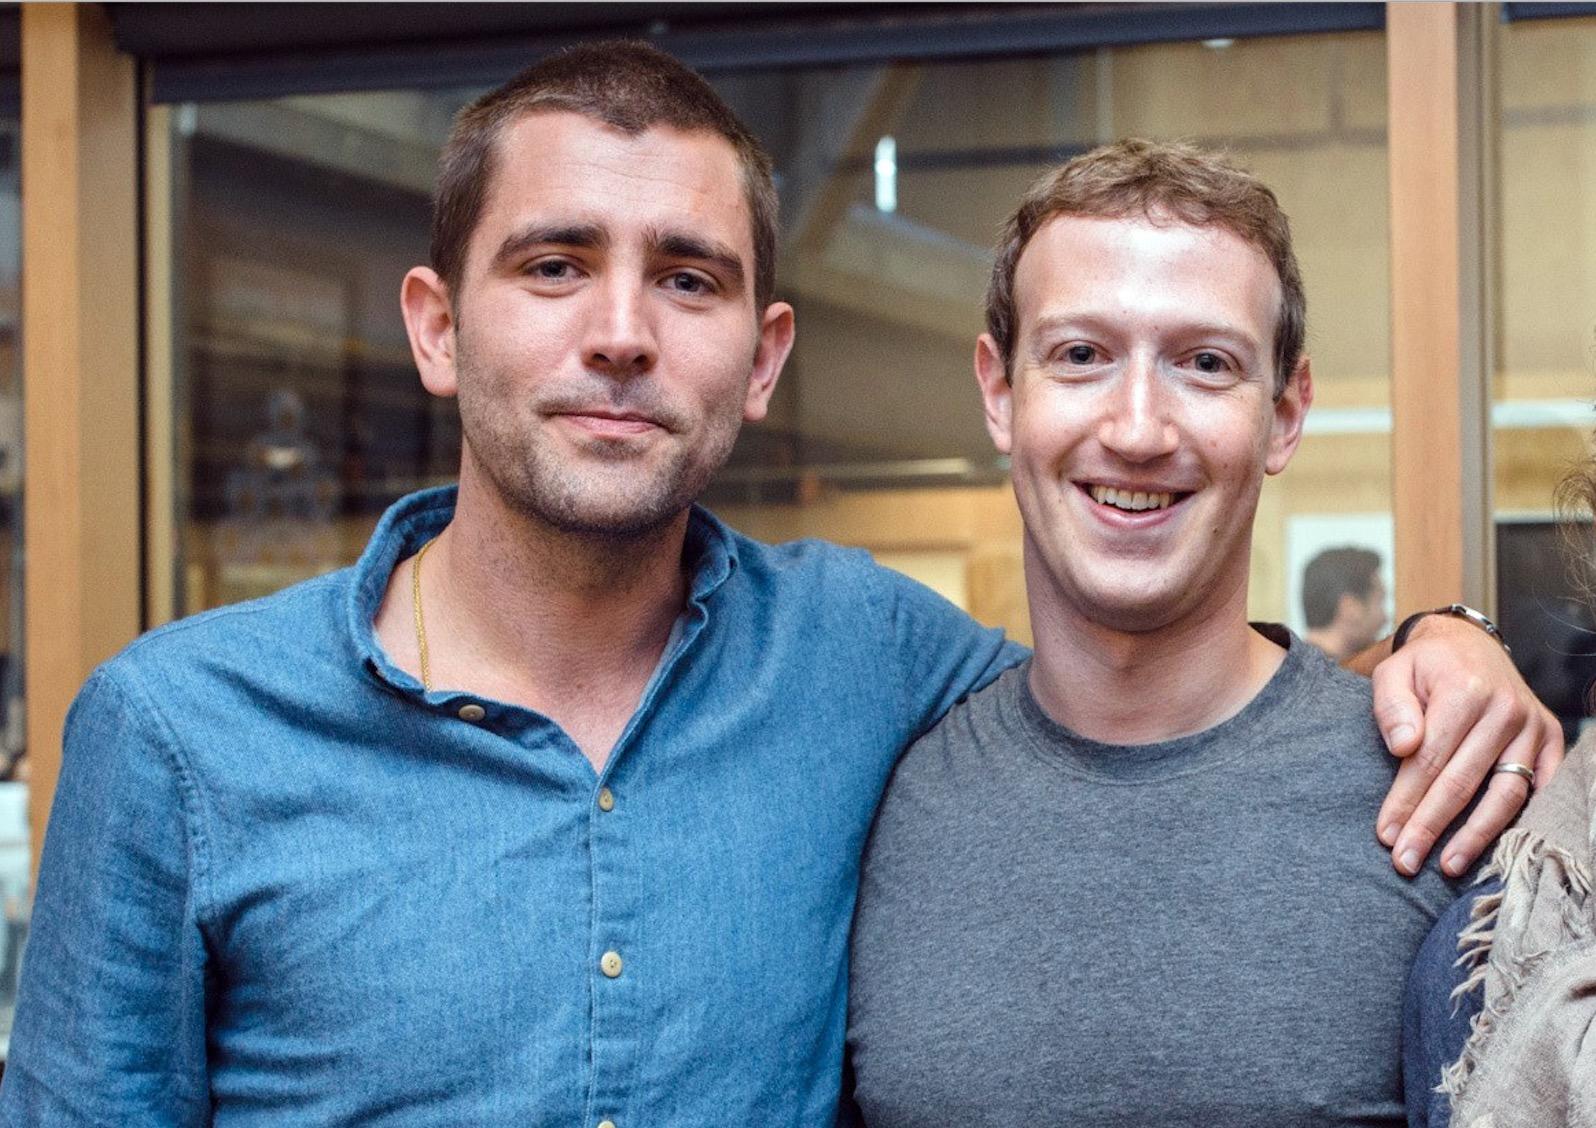 Chris Cox, bývalý šéf produktu Facebooku, a Mark Zuckerberg